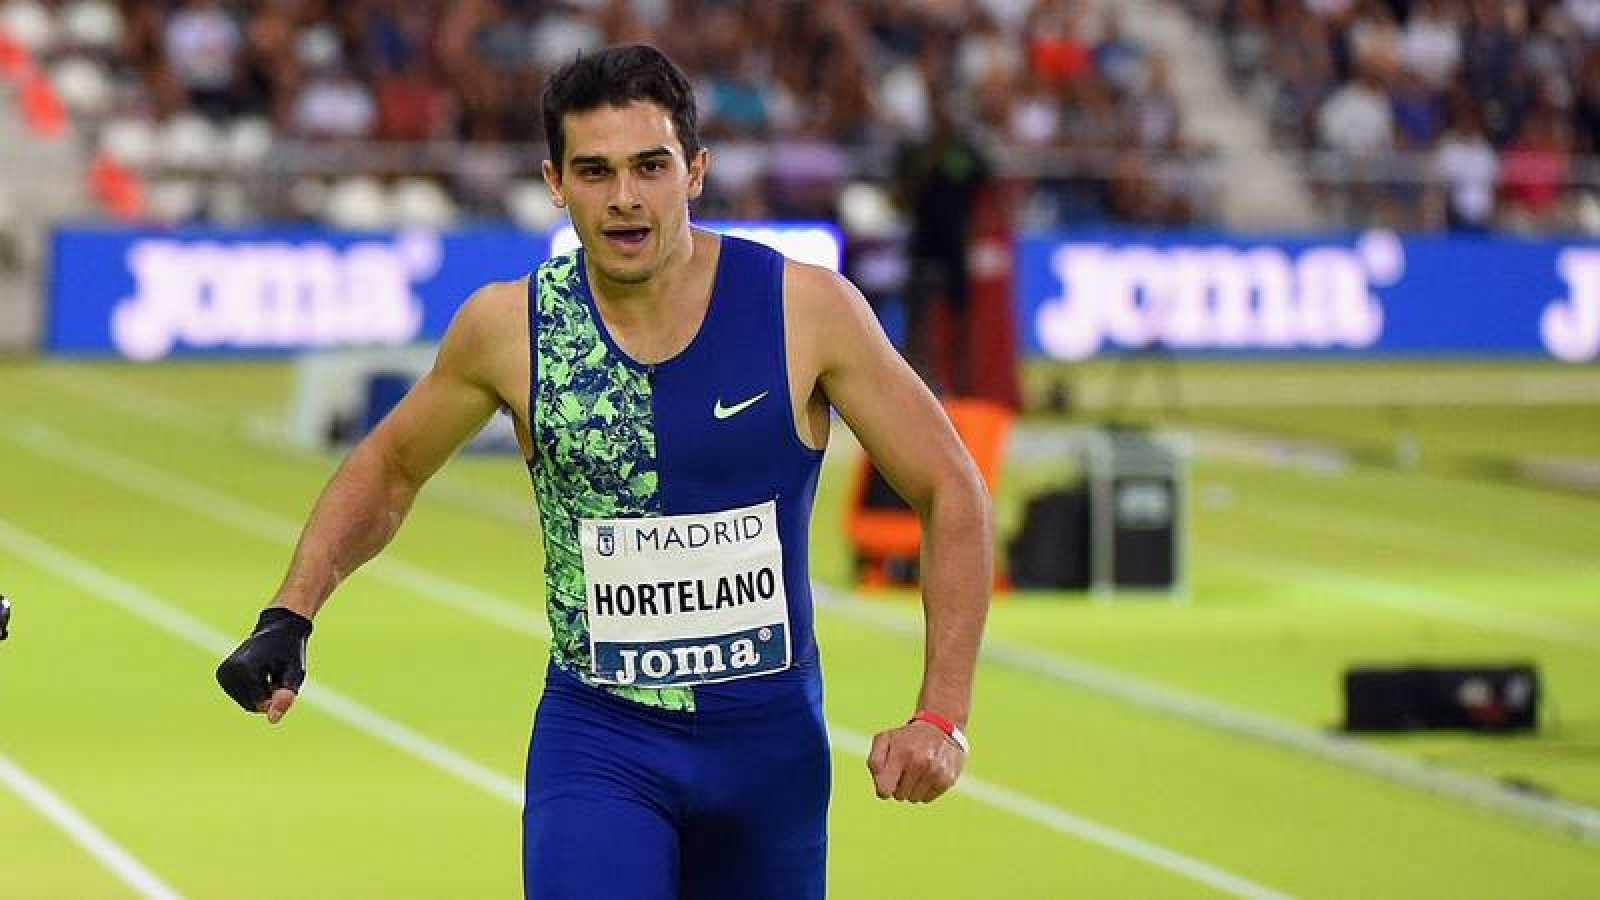 Bruno Hortelano anuncia que no participará en el Mundial de Doha